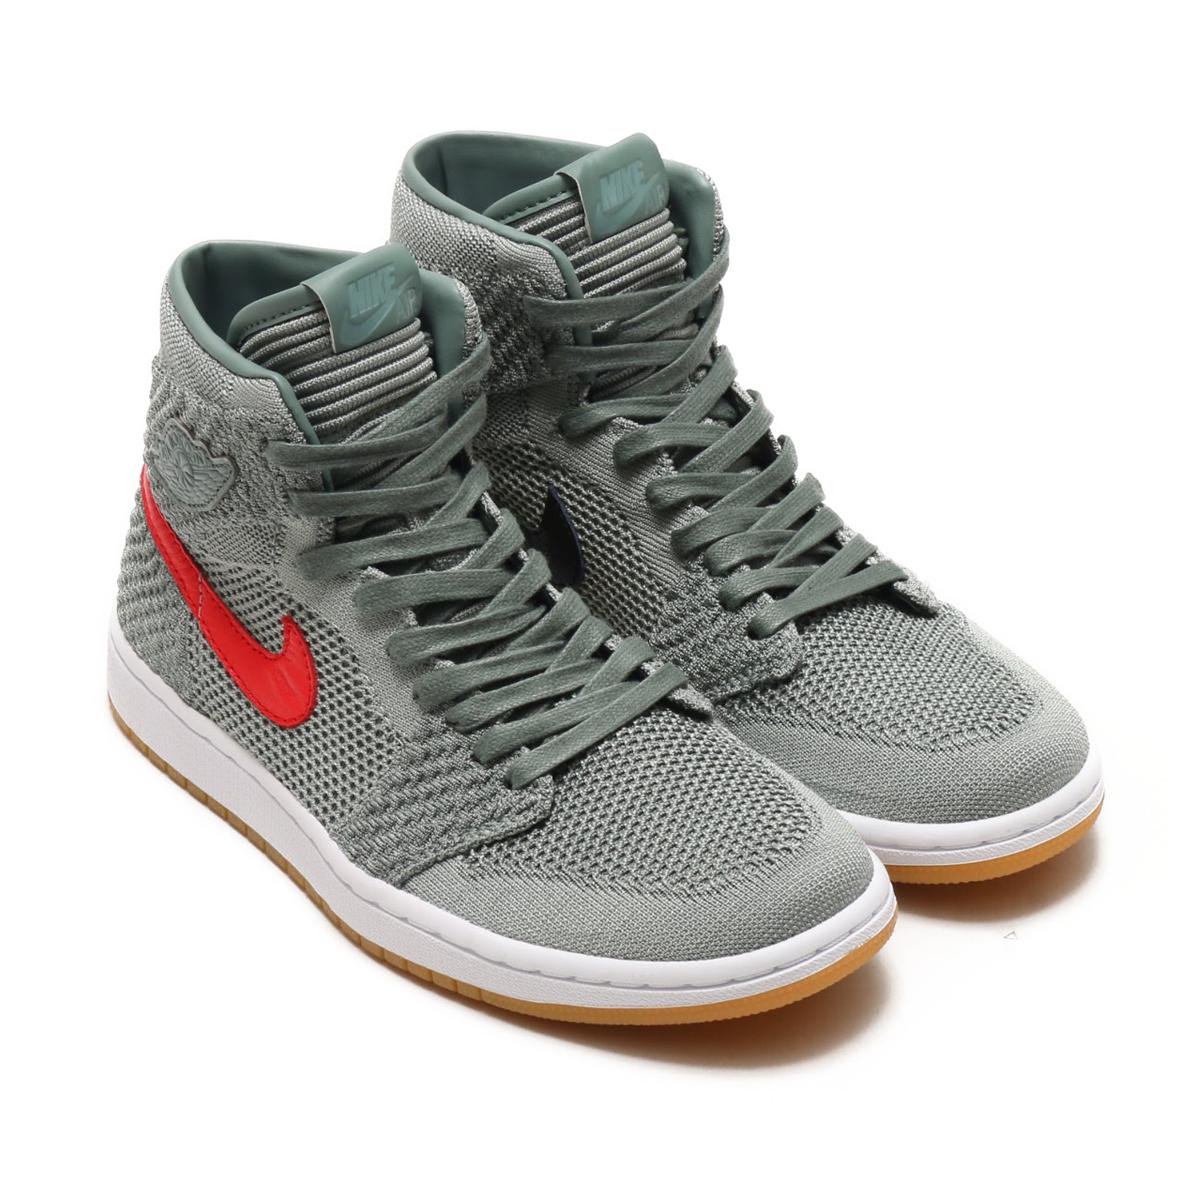 uk availability a2fb7 55580 NIKE AIR JORDAN 1 RET HI FLYKNIT BG (Nike Air Jordan 1 nostalgic high fried  ...